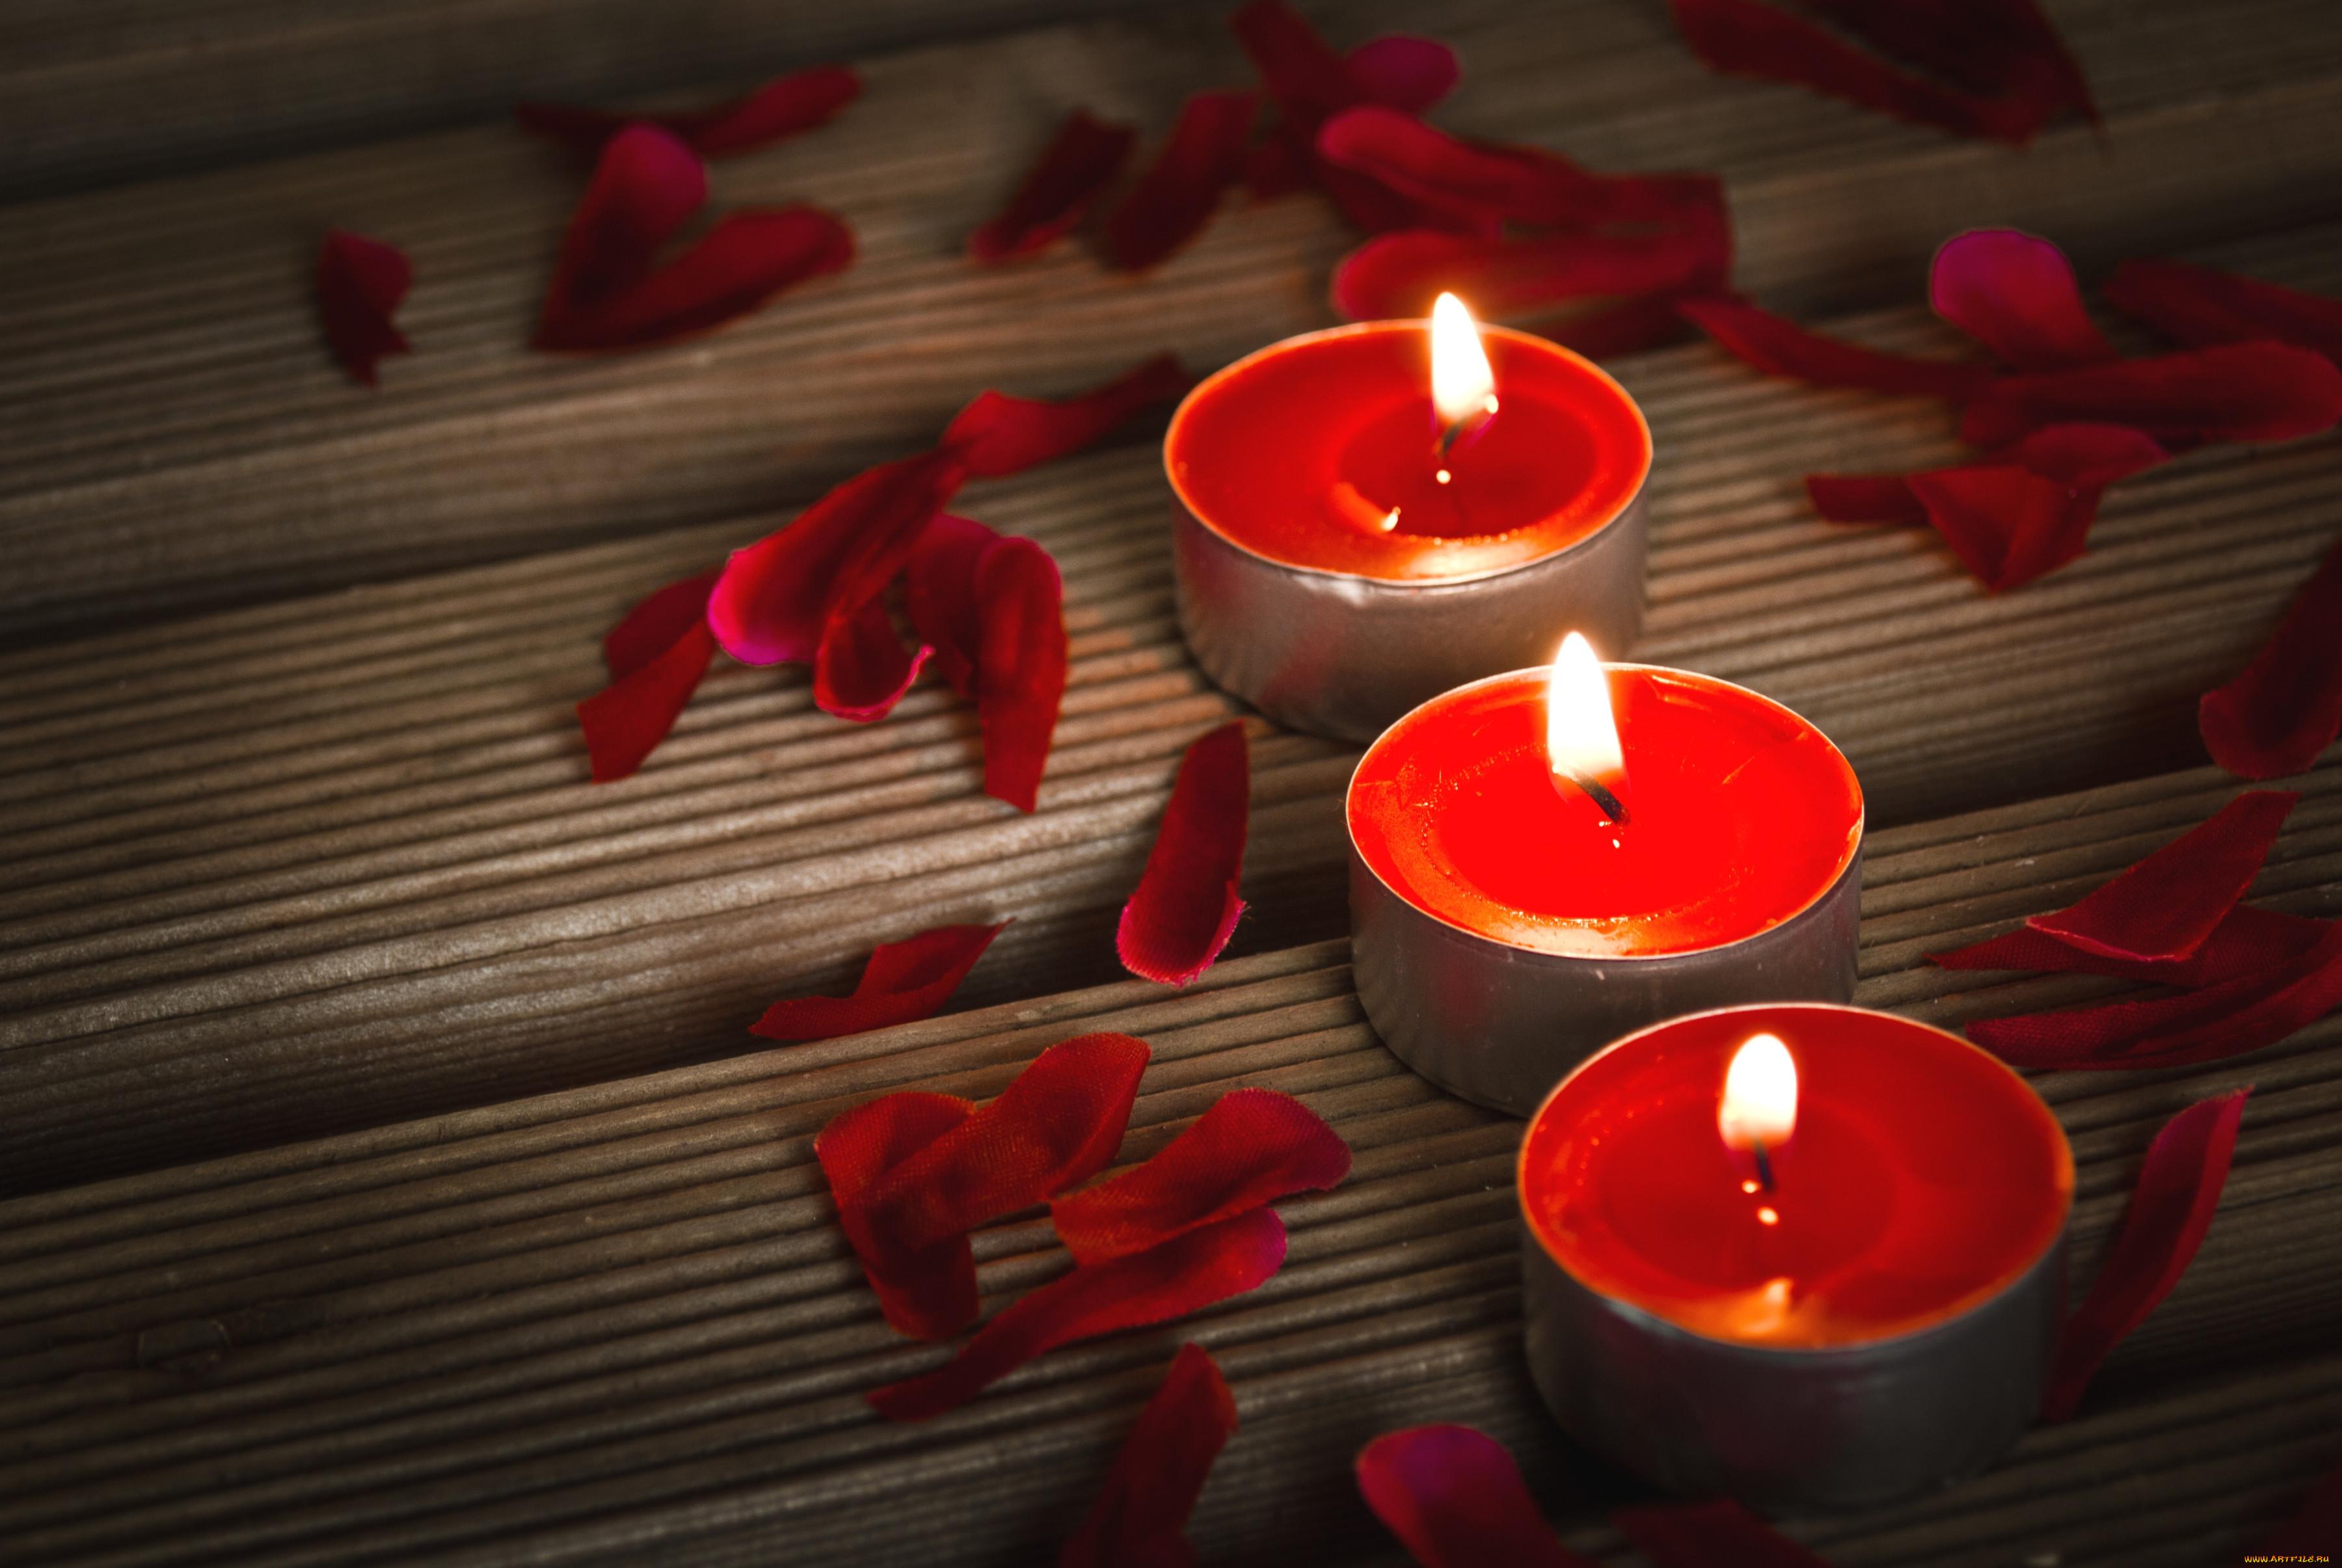 перезаряжалась спереди, картинки с красными свечами двухцветные, середина кремово-белая